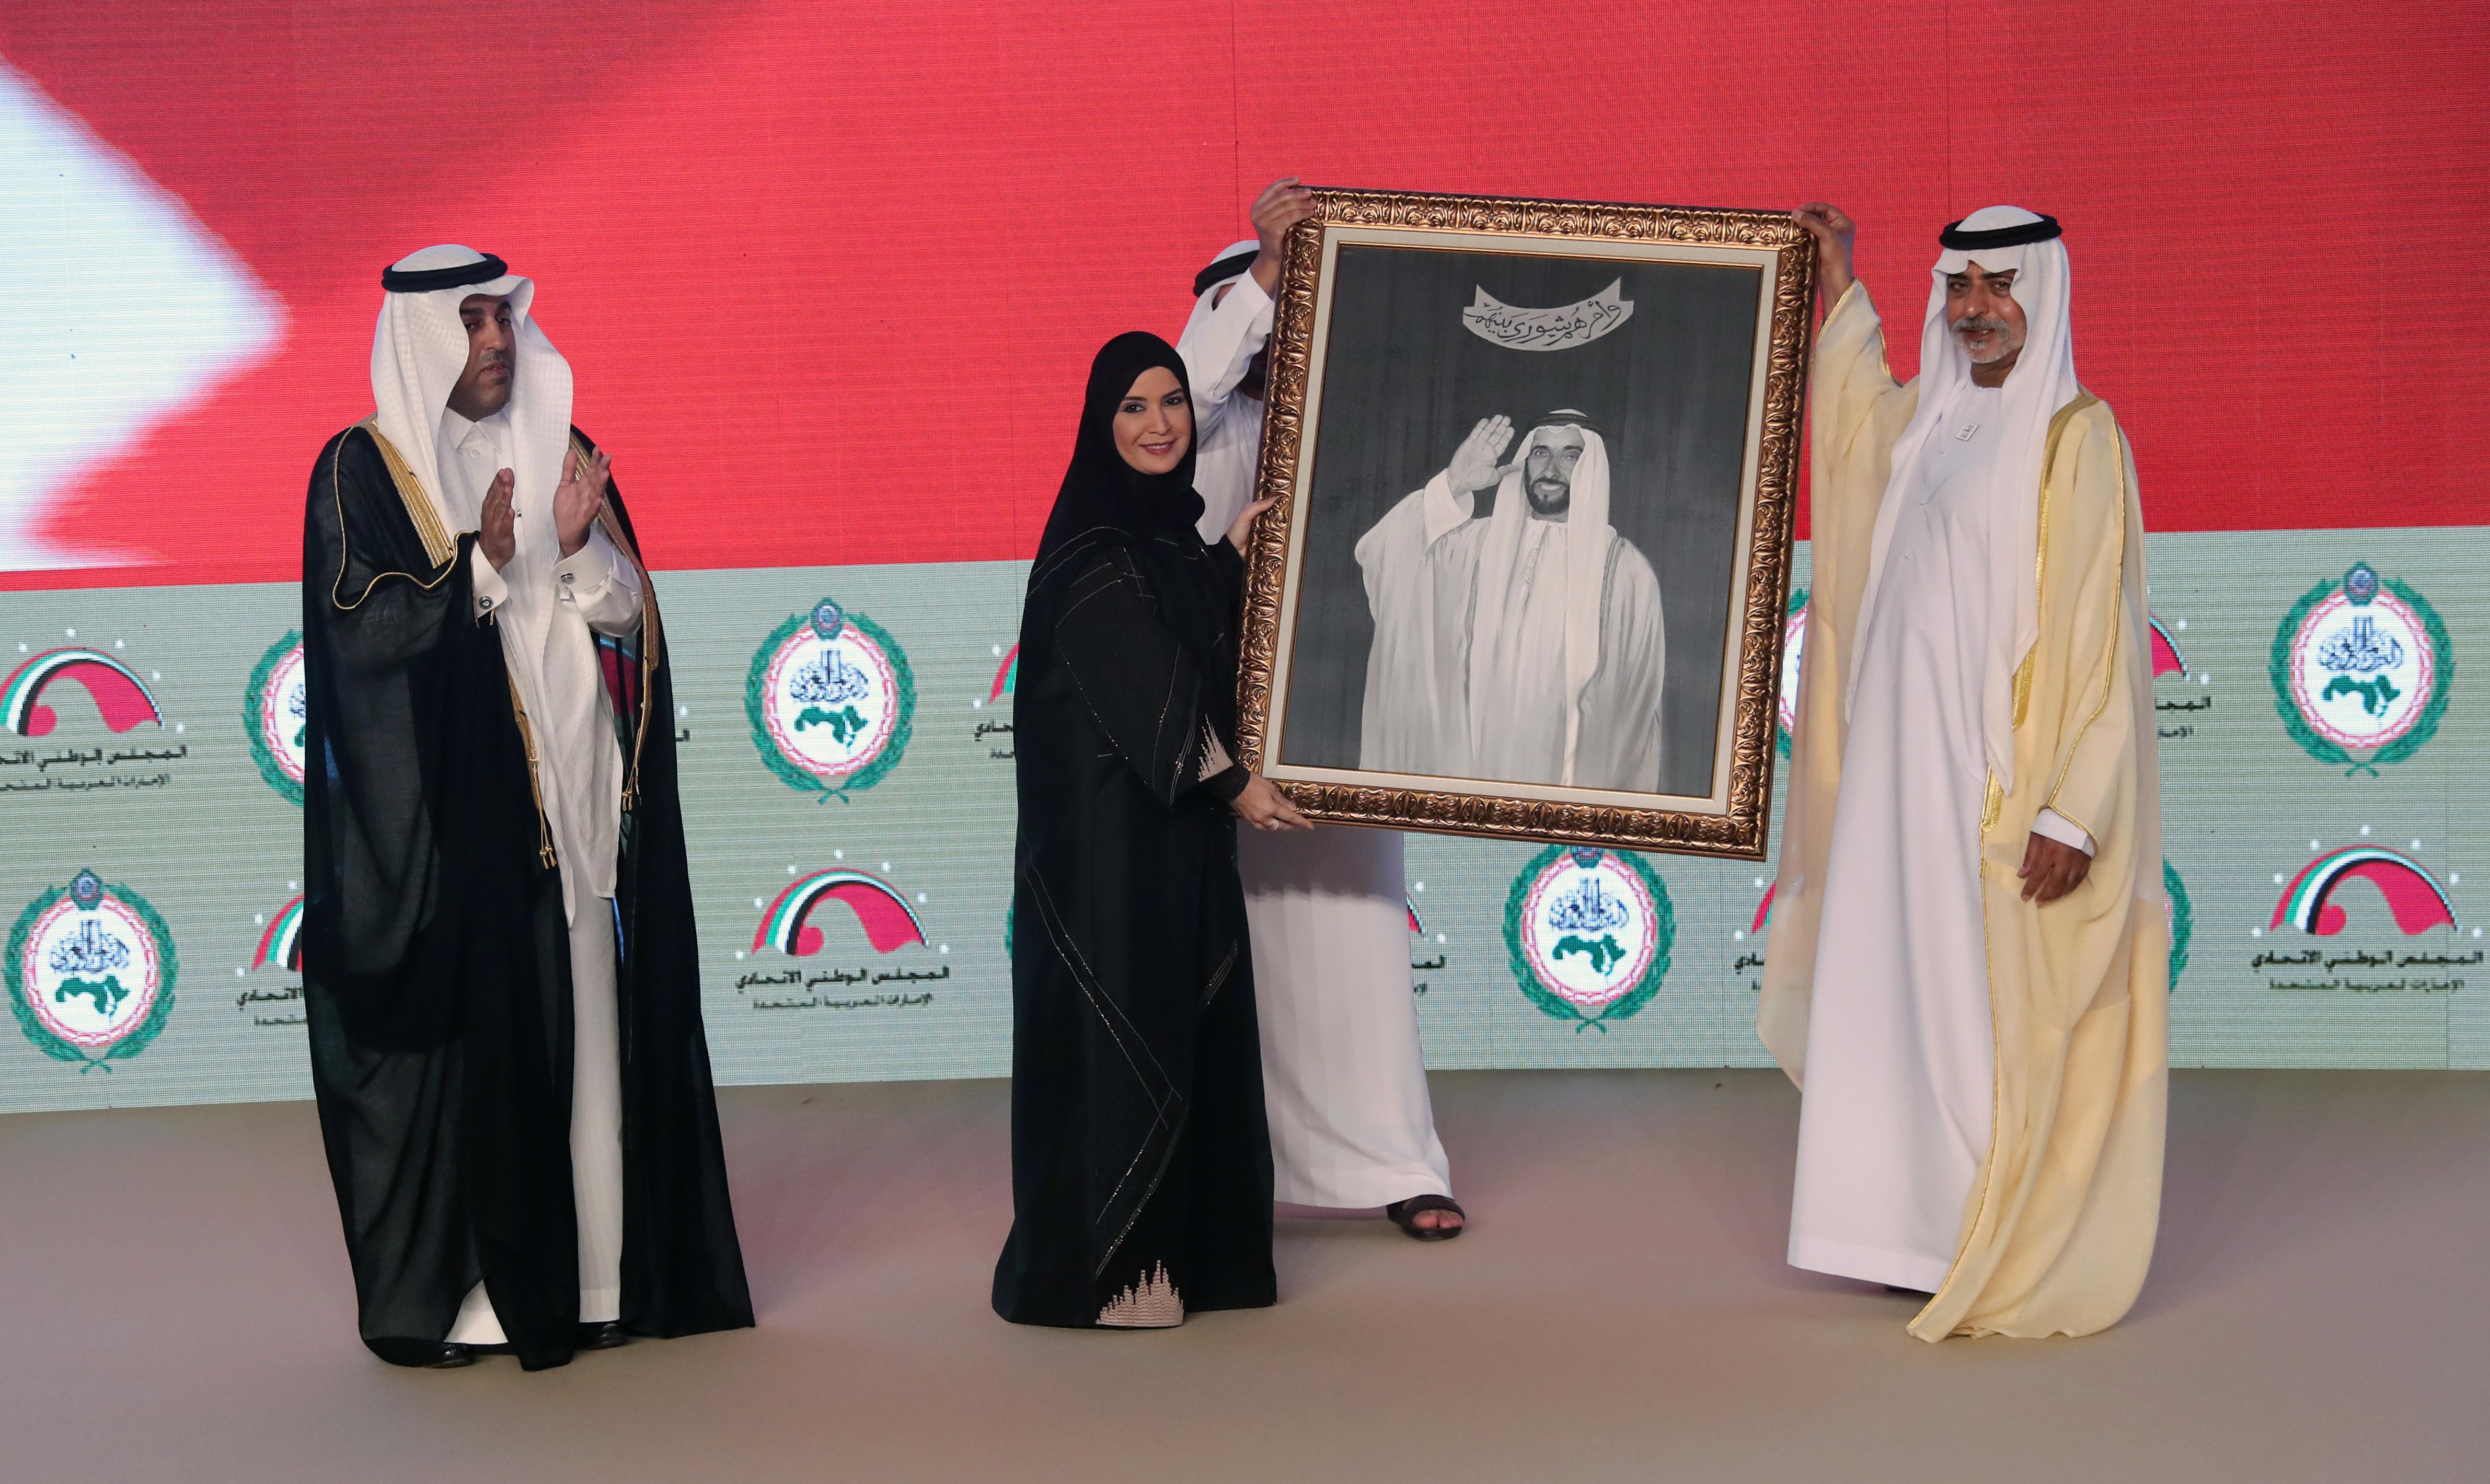 برعاية الشيخة فاطمة .. أبوظبي تشهد إطلاق الوثيقة العربية لحقوق المرأة